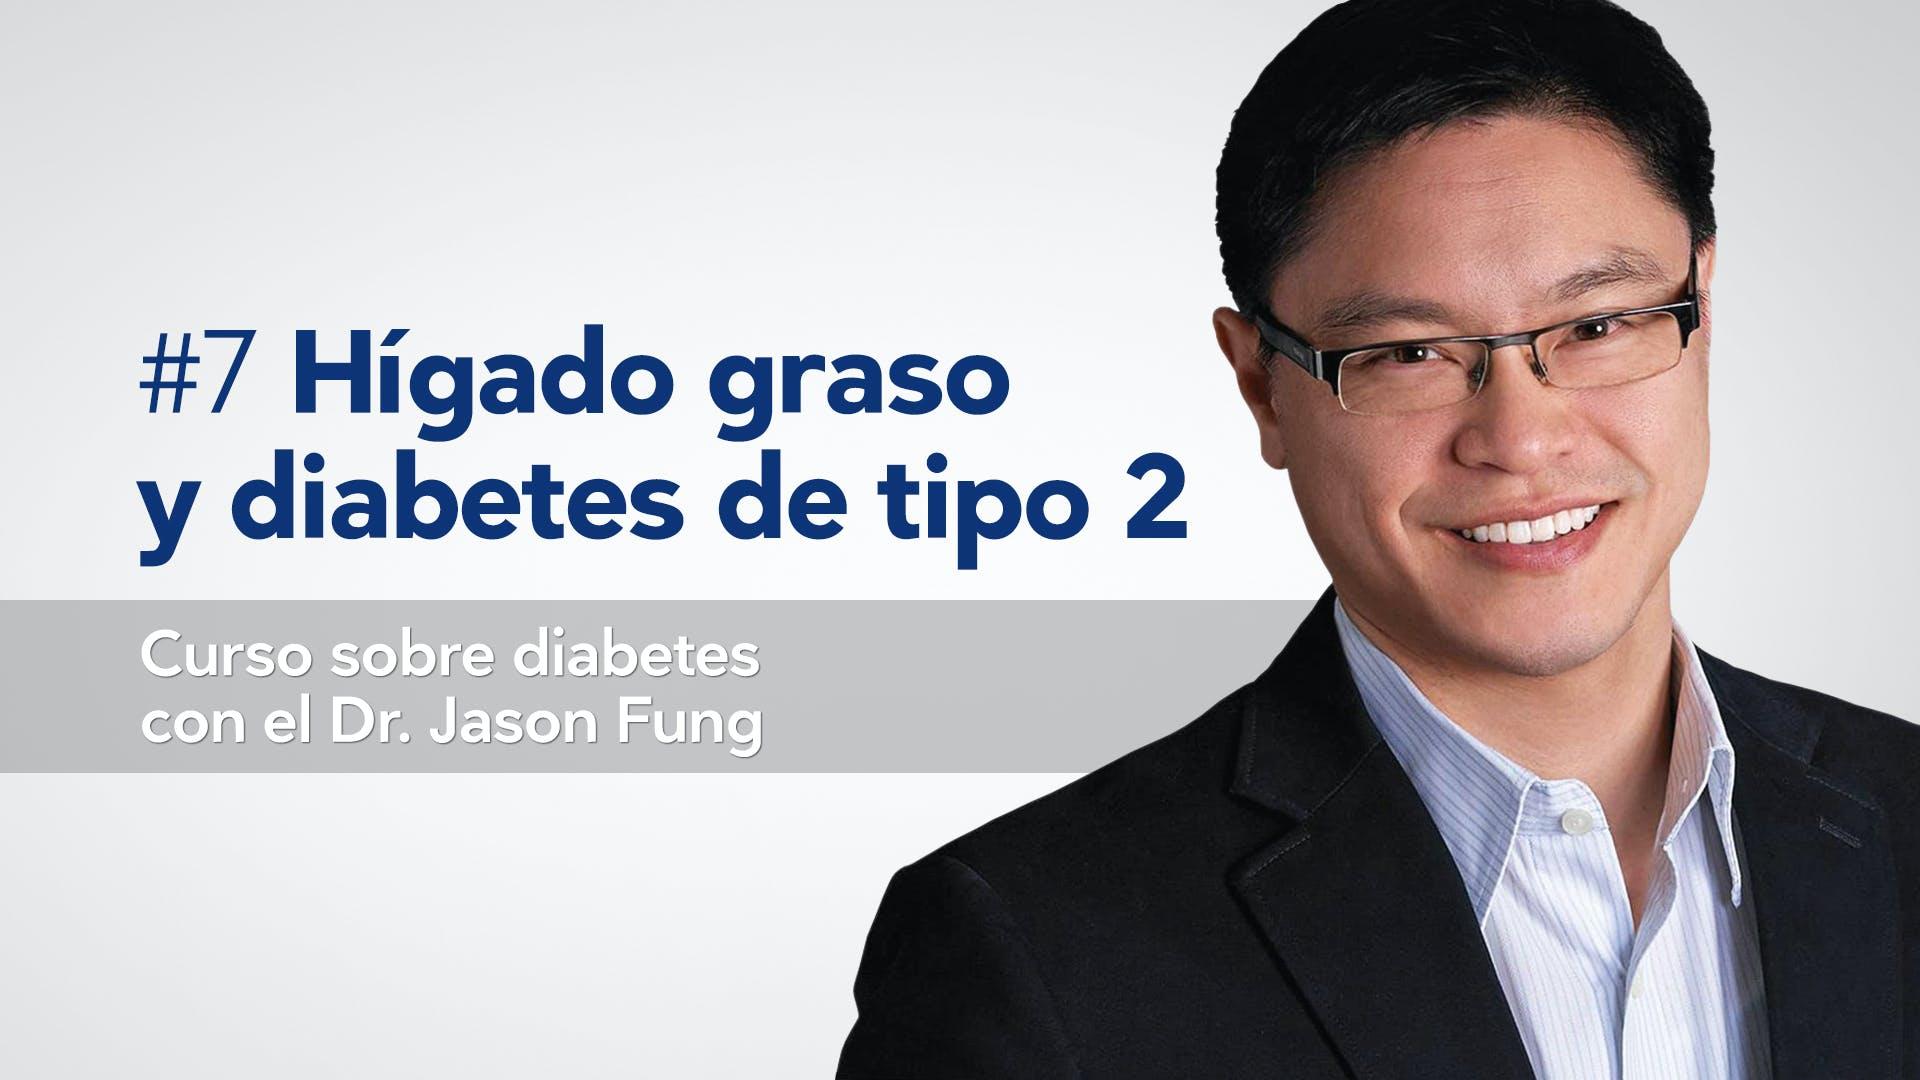 Hígado graso y diabetes de tipo 2